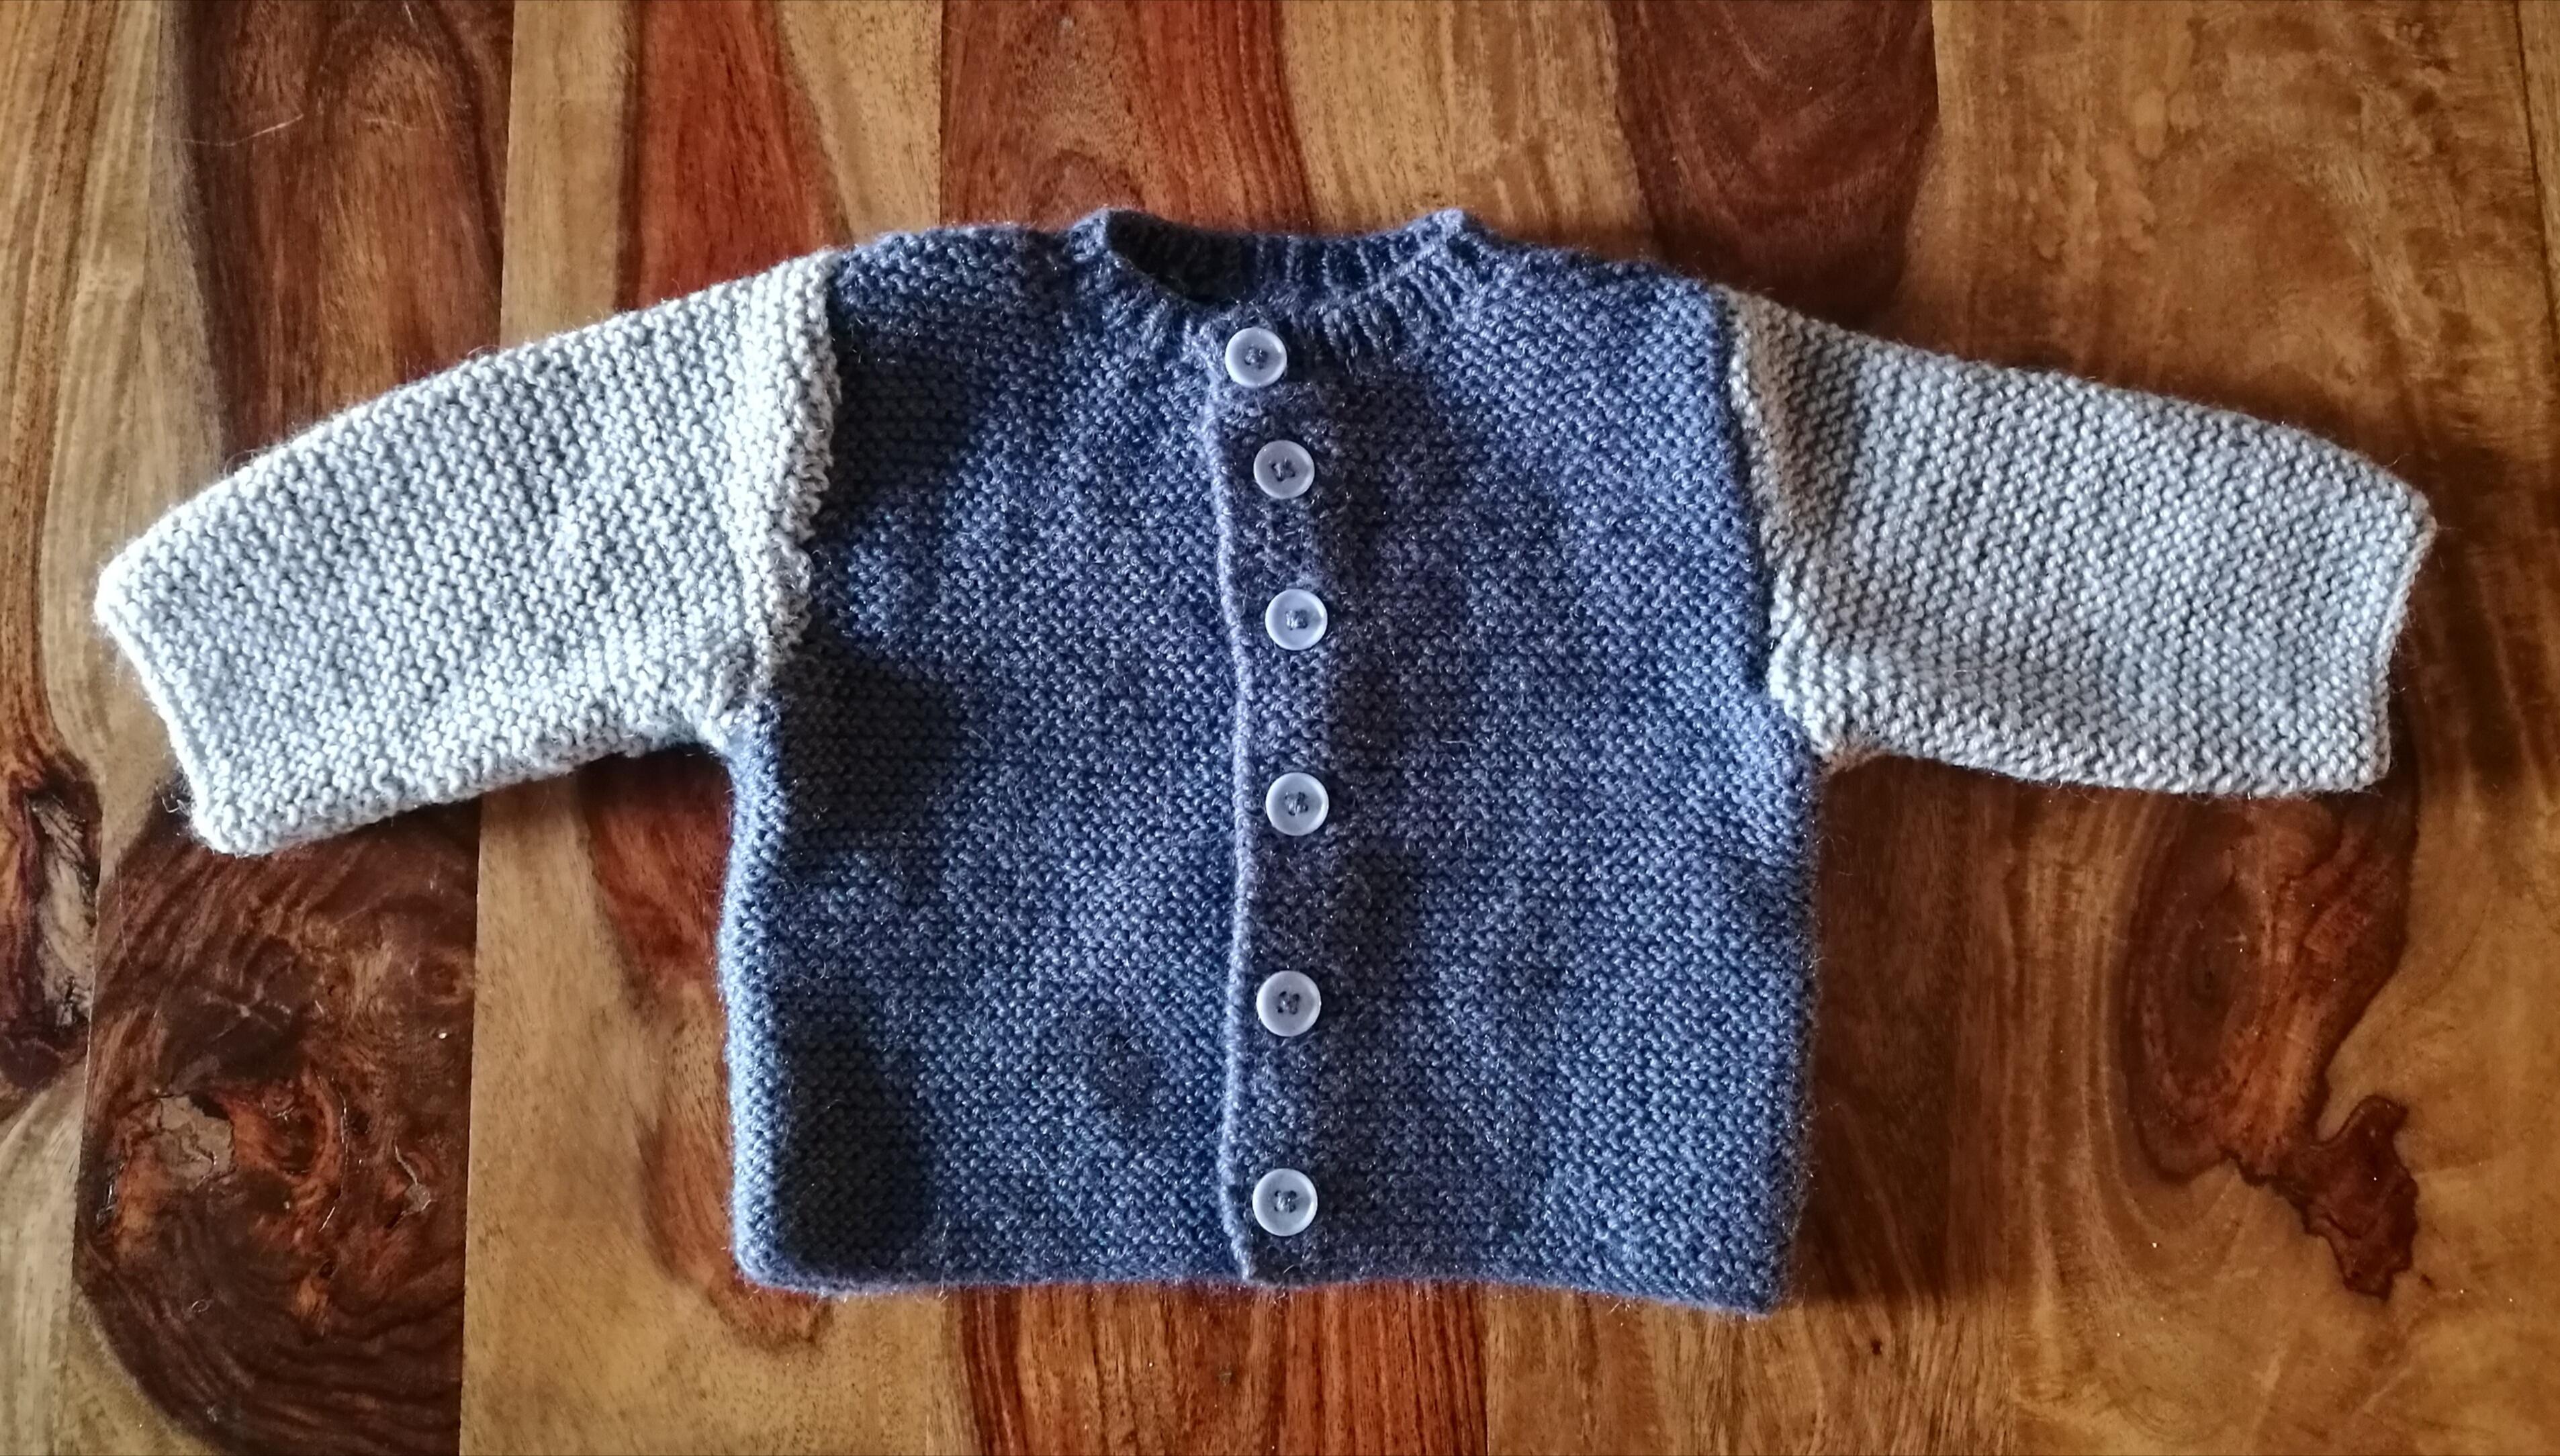 comprendre un patron de tricot